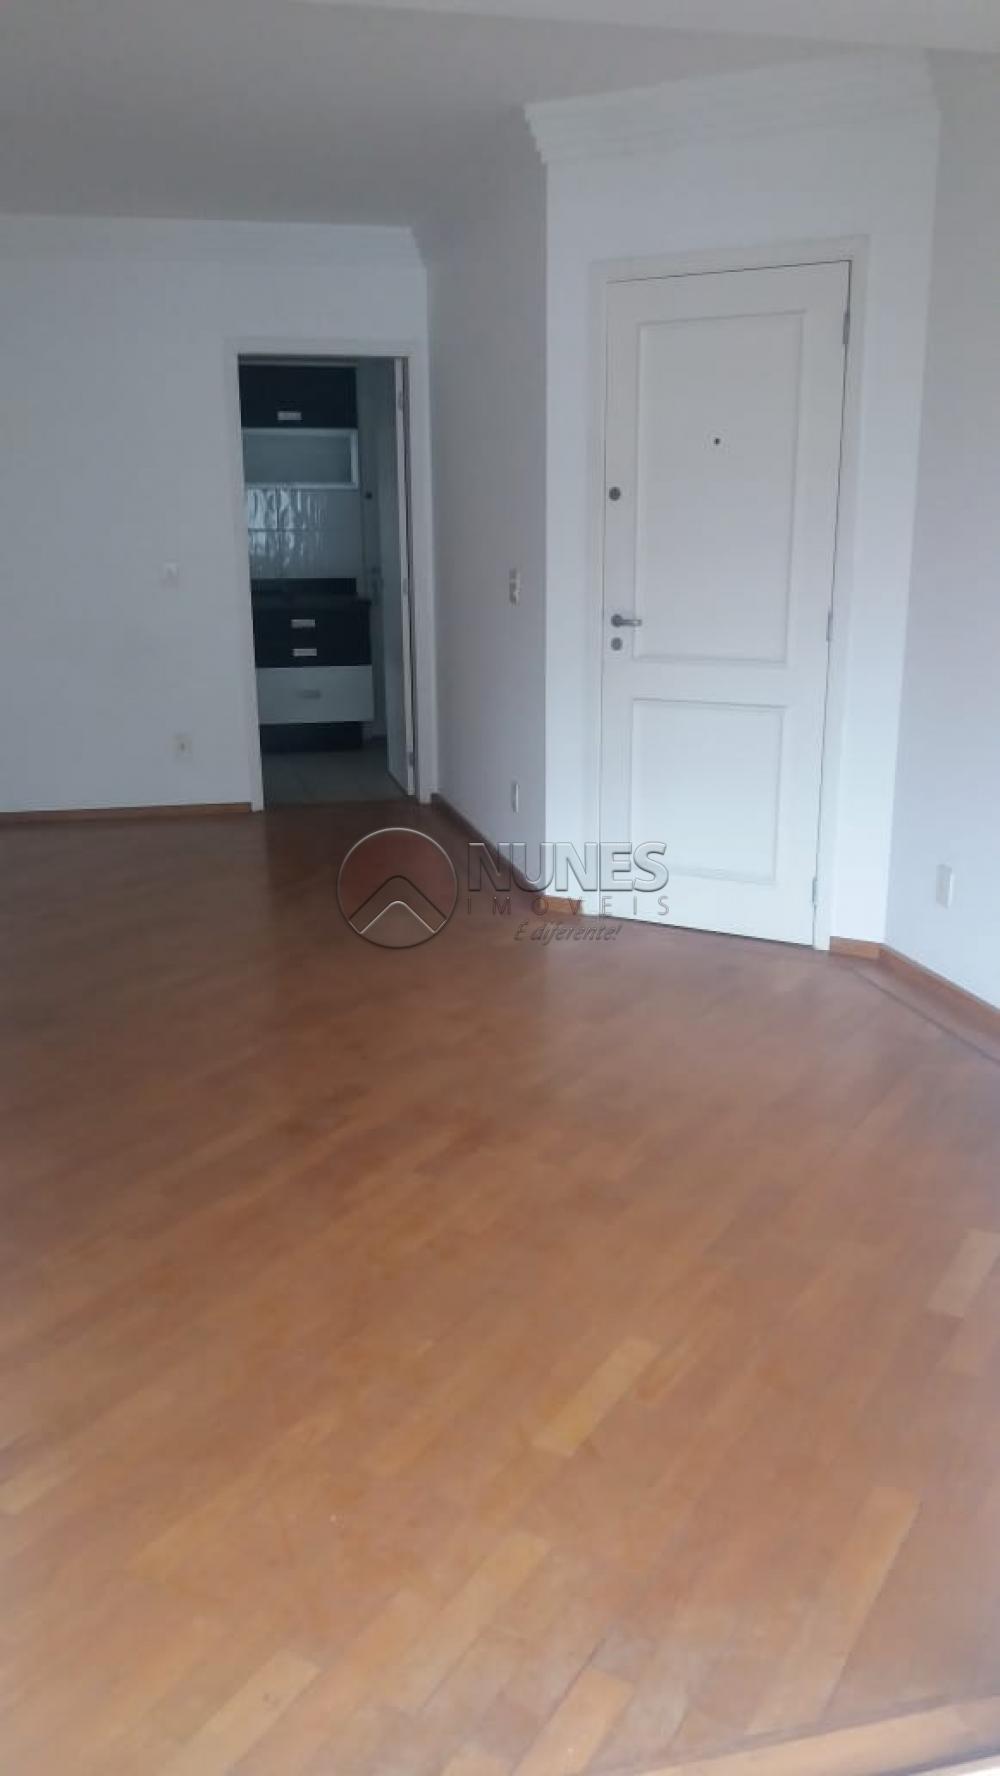 Comprar Apartamento / Padrão em São Paulo apenas R$ 640.000,00 - Foto 2